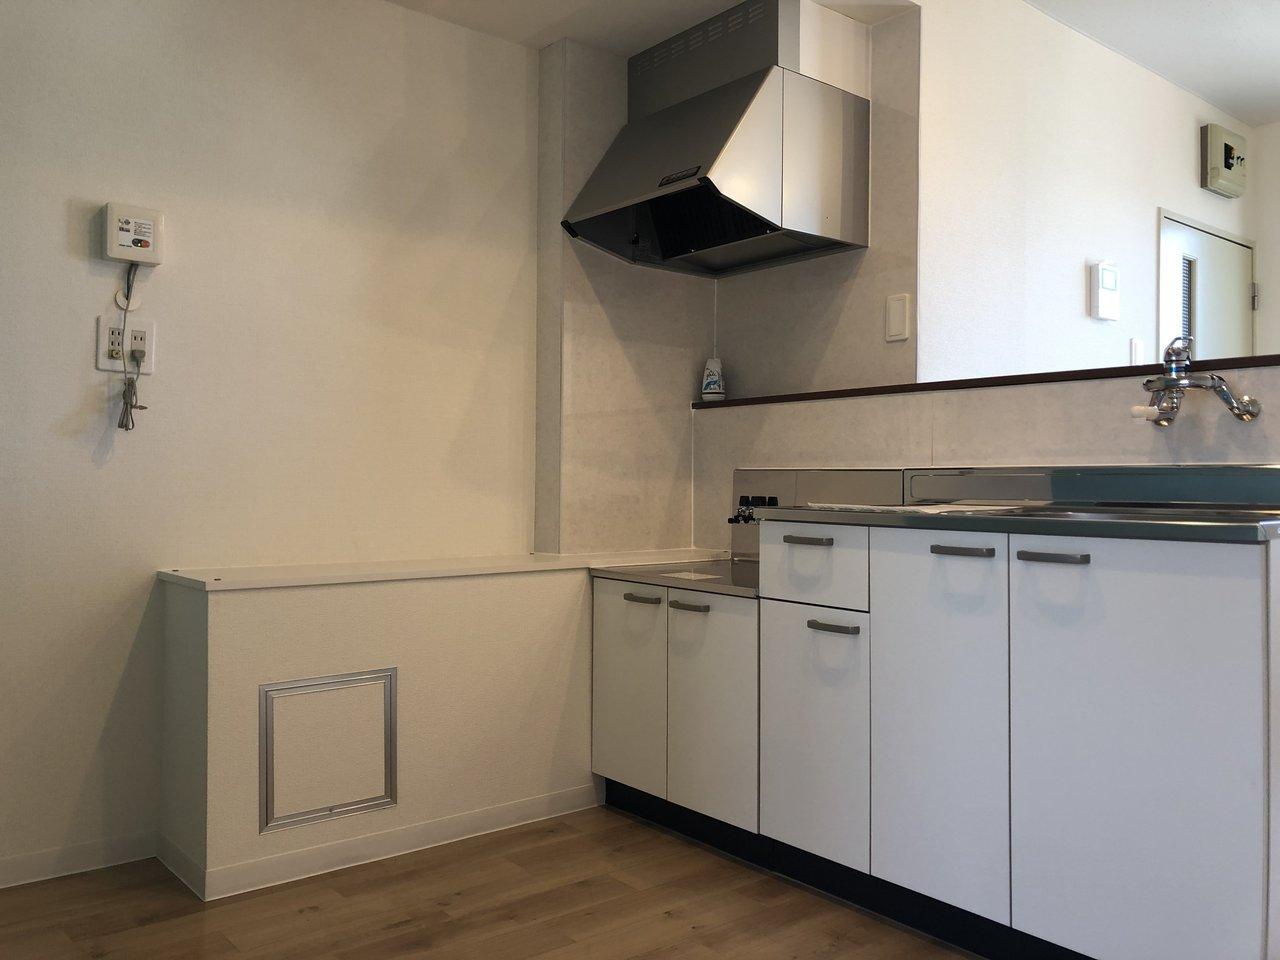 キッチン周りはかなり広々としています。収納棚を置いてもまだ余裕がありそう。